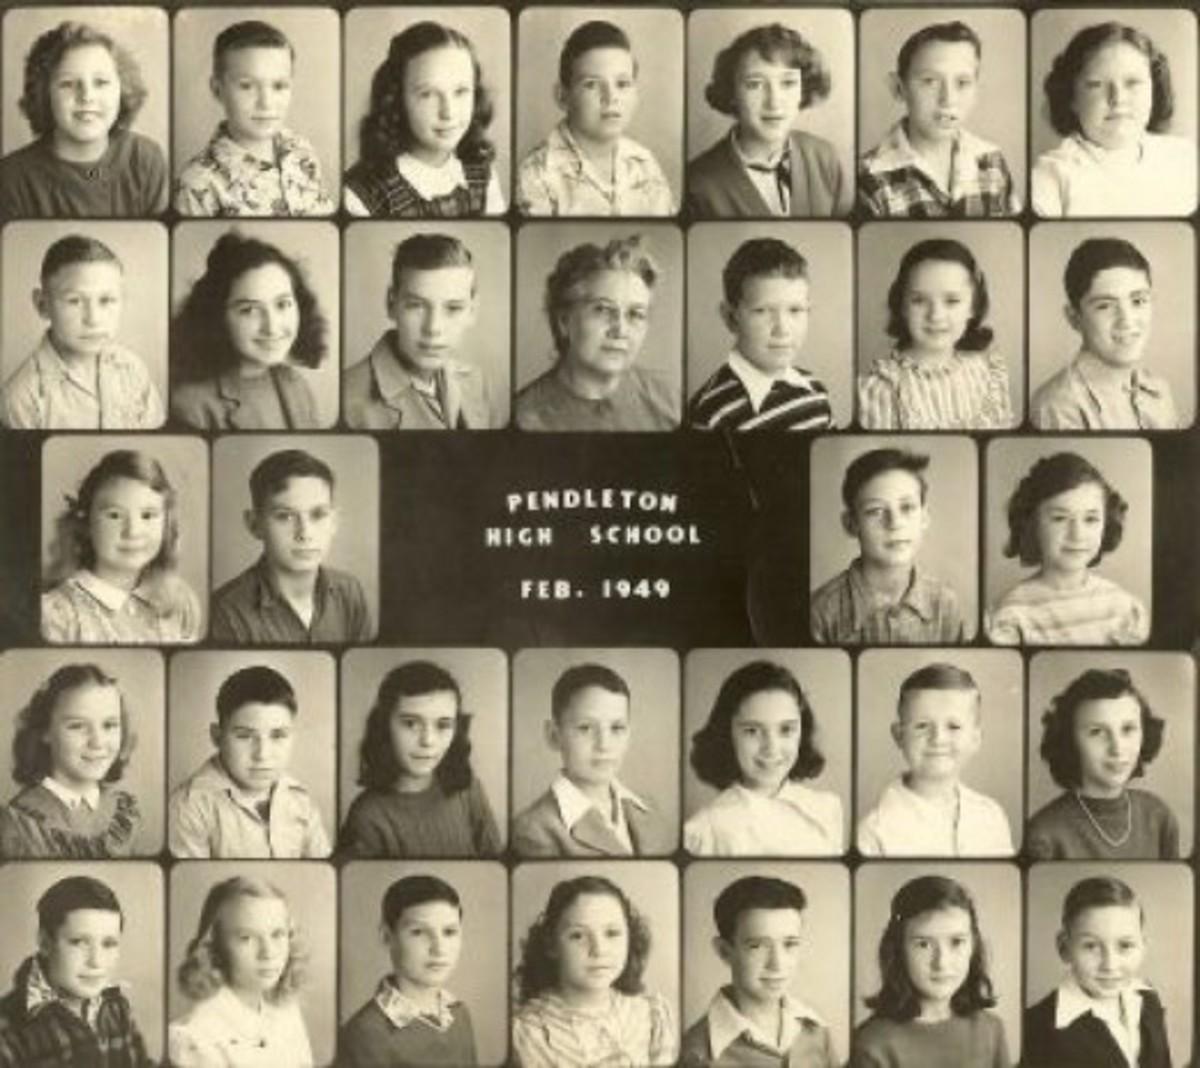 PHS 1949